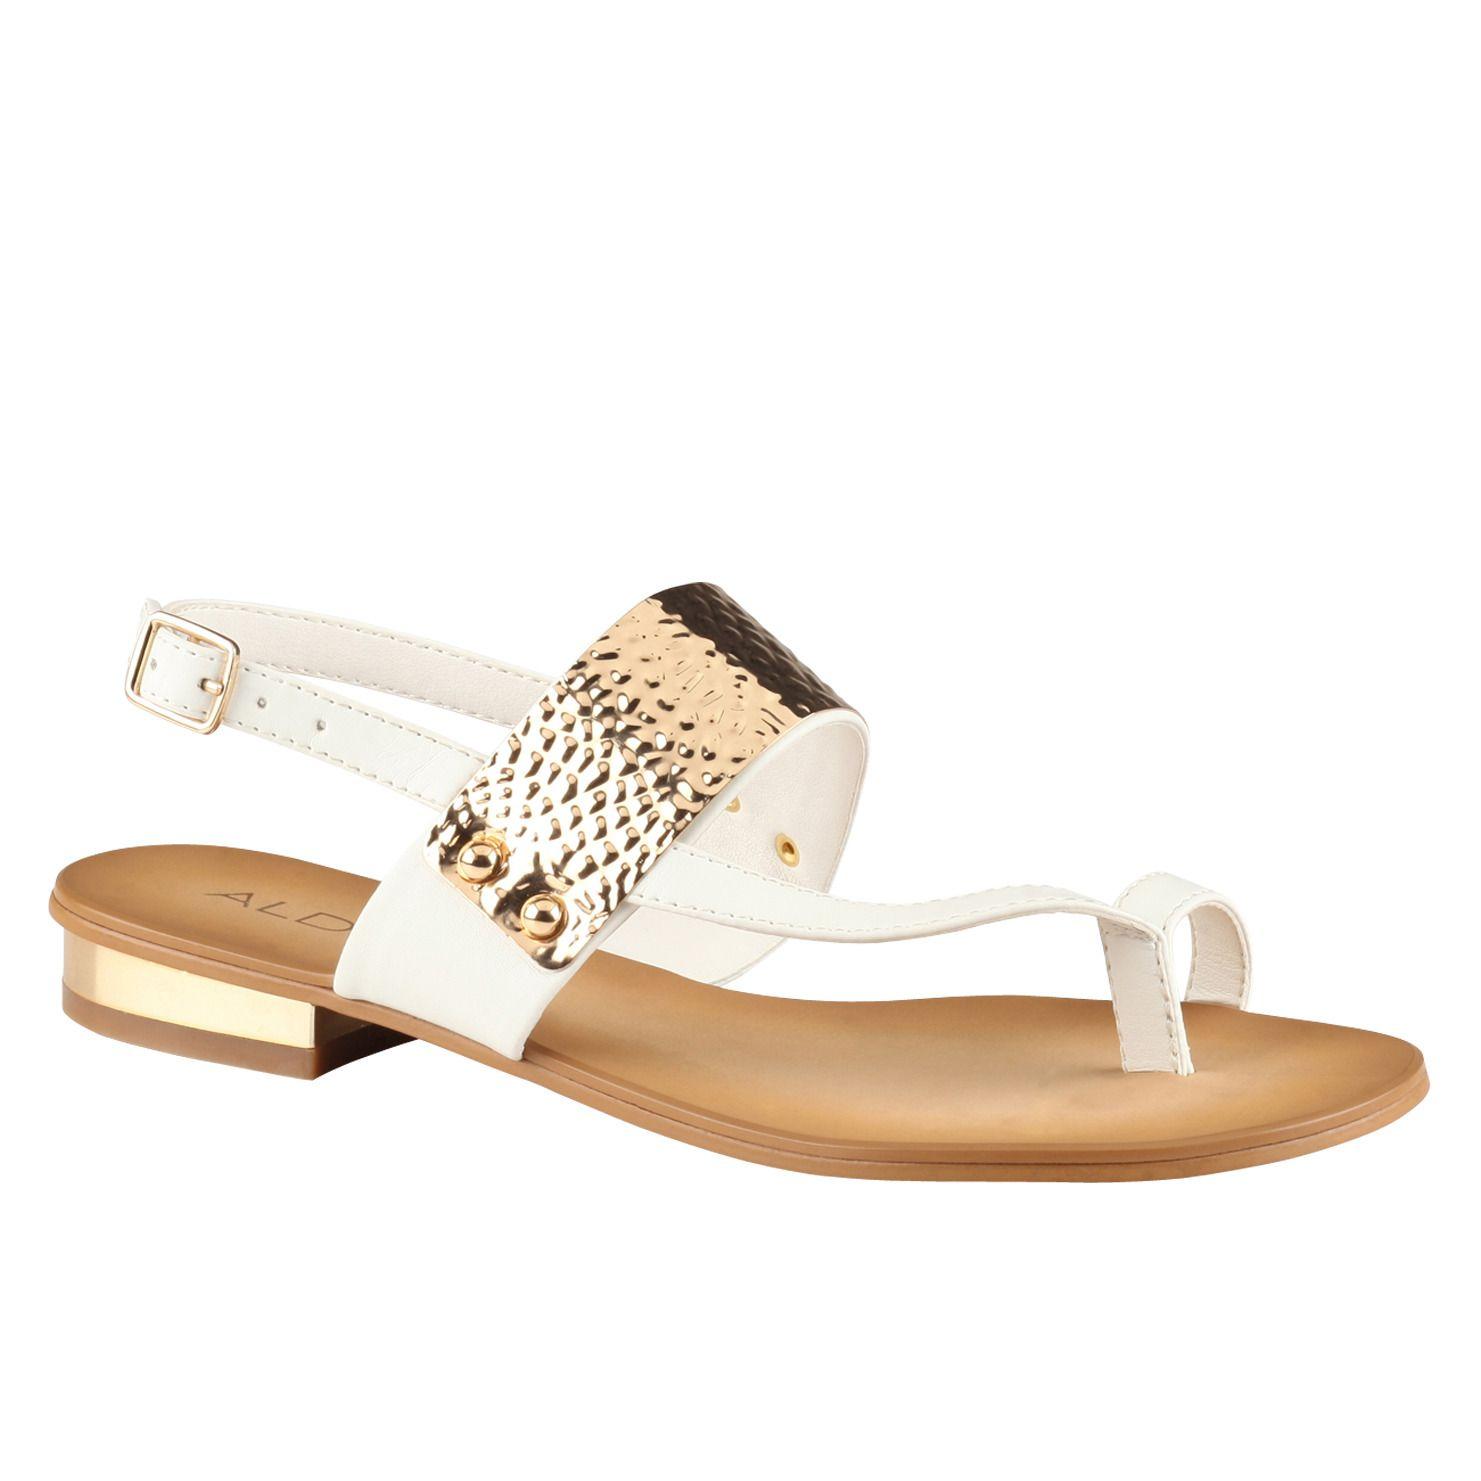 ALDO Shoes. | Sandals